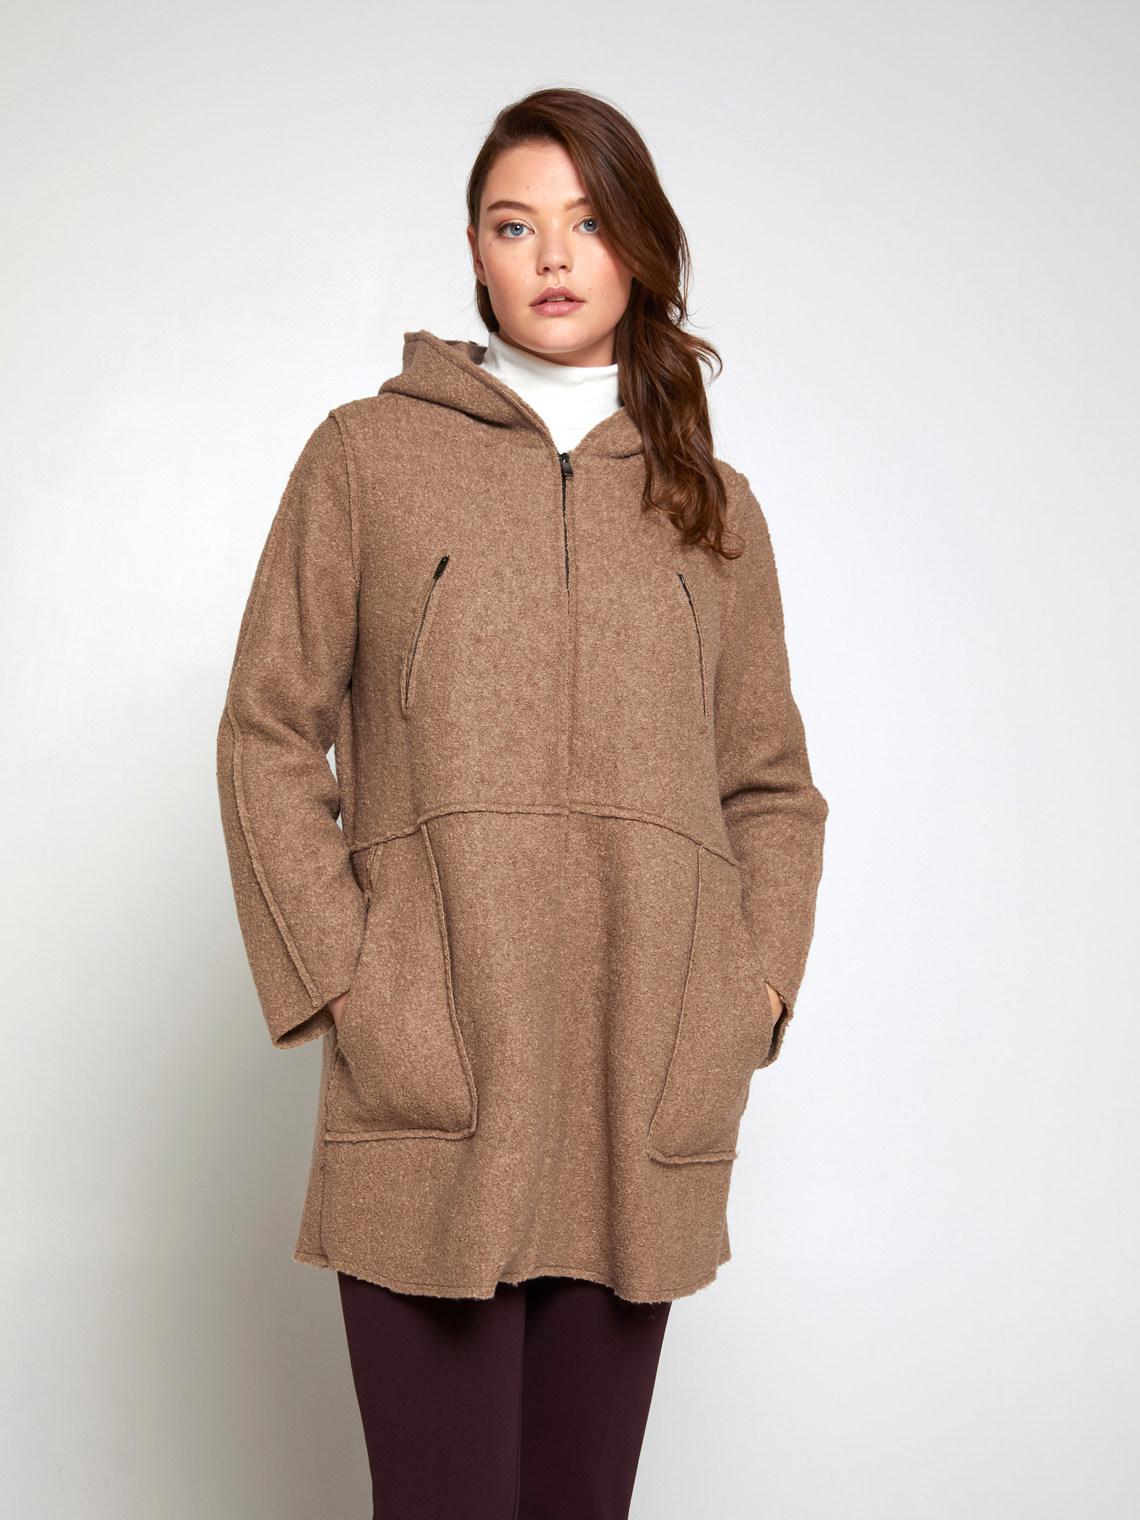 Cappotto in lana cotta con cappuccio - FiorellaRubino.com 632b5e49c1c3